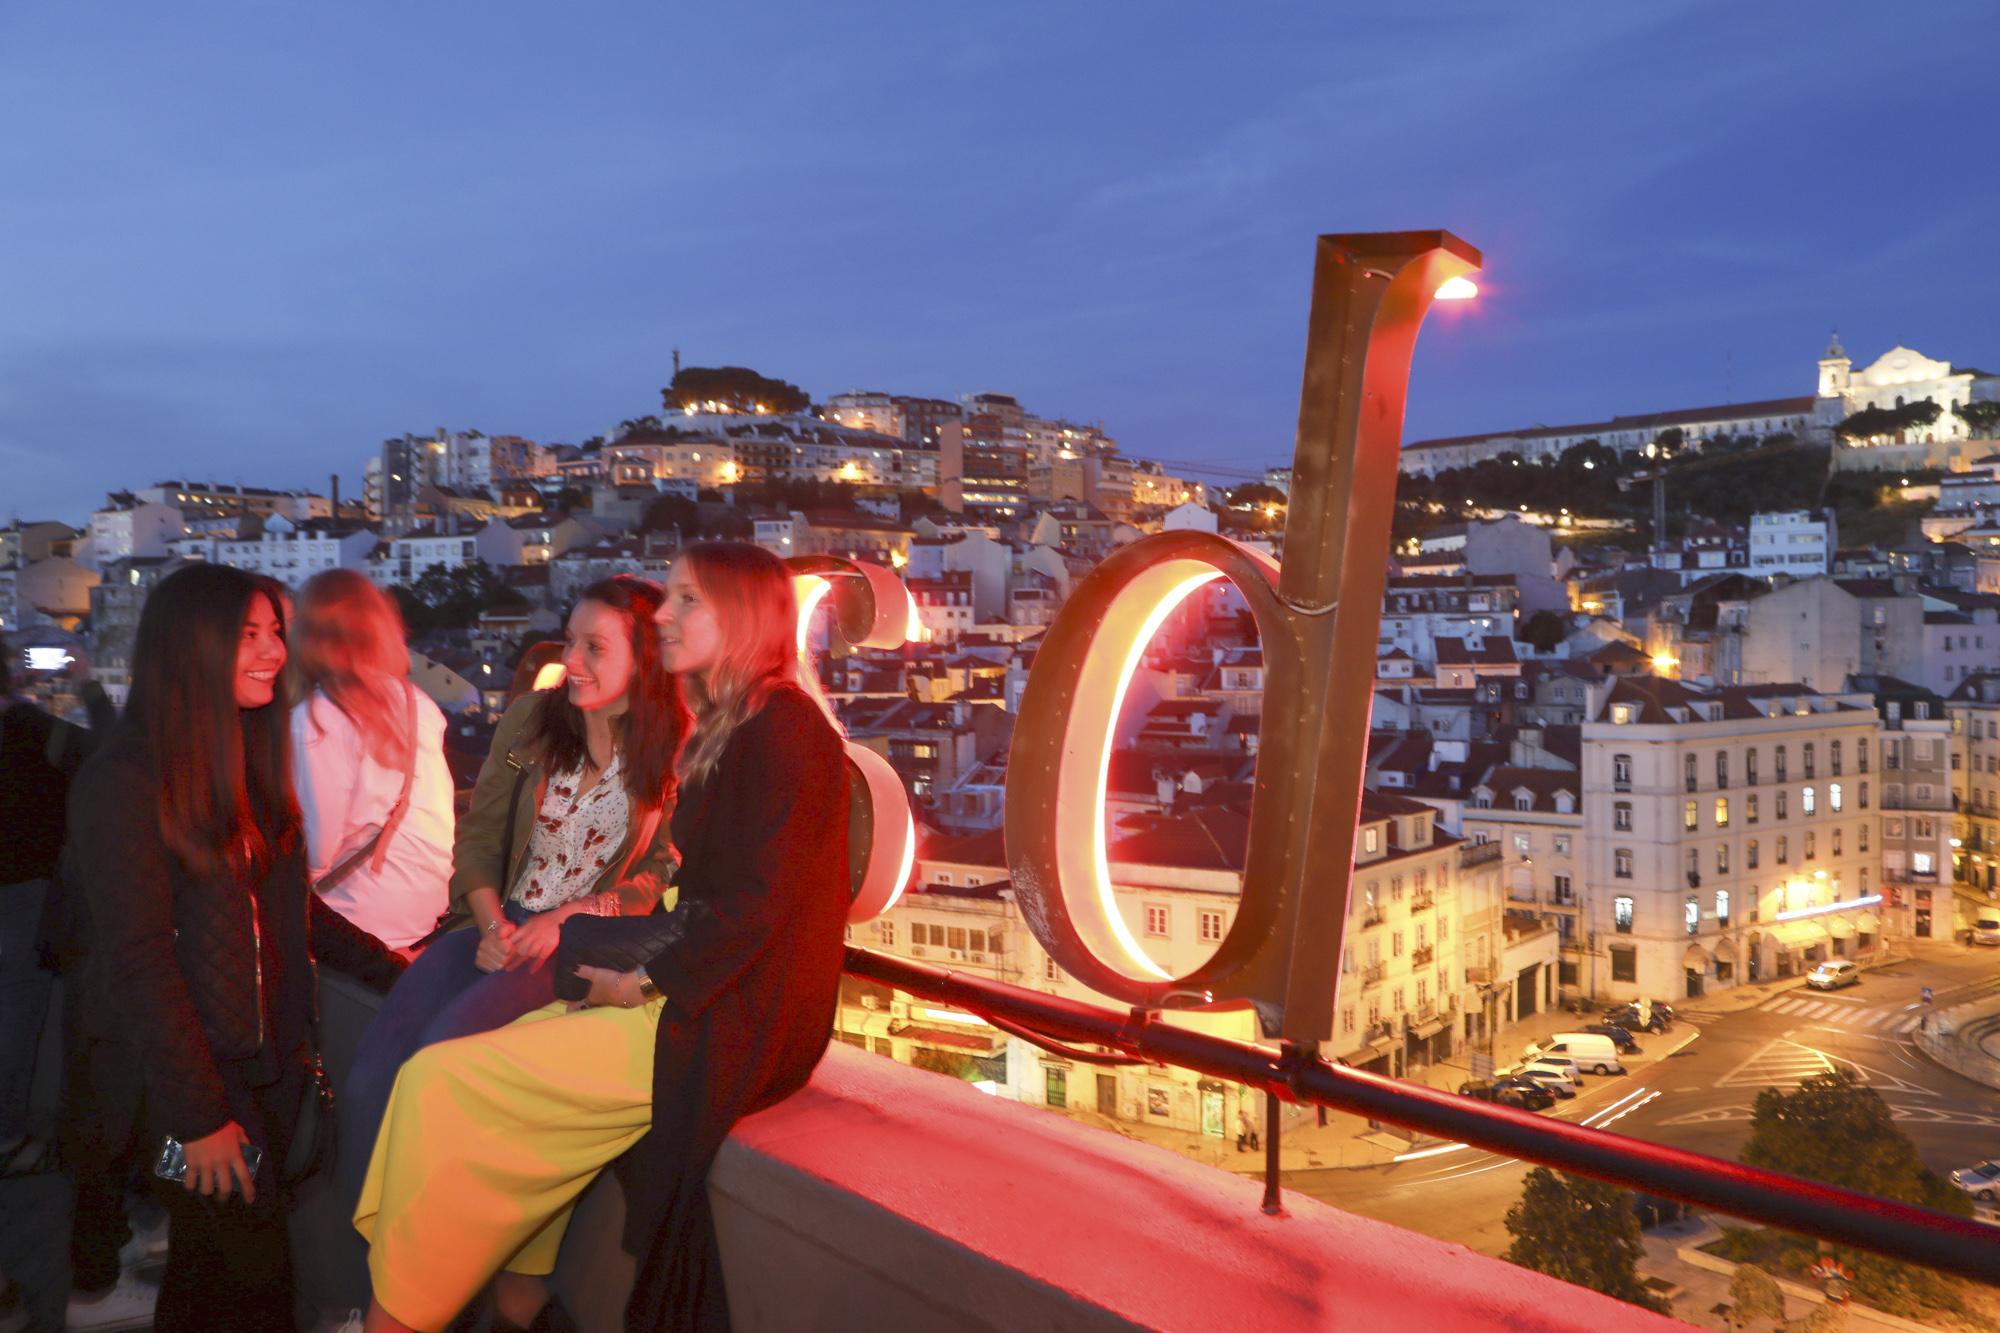 Portugal, Lissabon, Baixa Viertel, Praca Martim Moniz, Blick von der Rooftop Bar Topo auf den Platz und das Mouraria Viertel